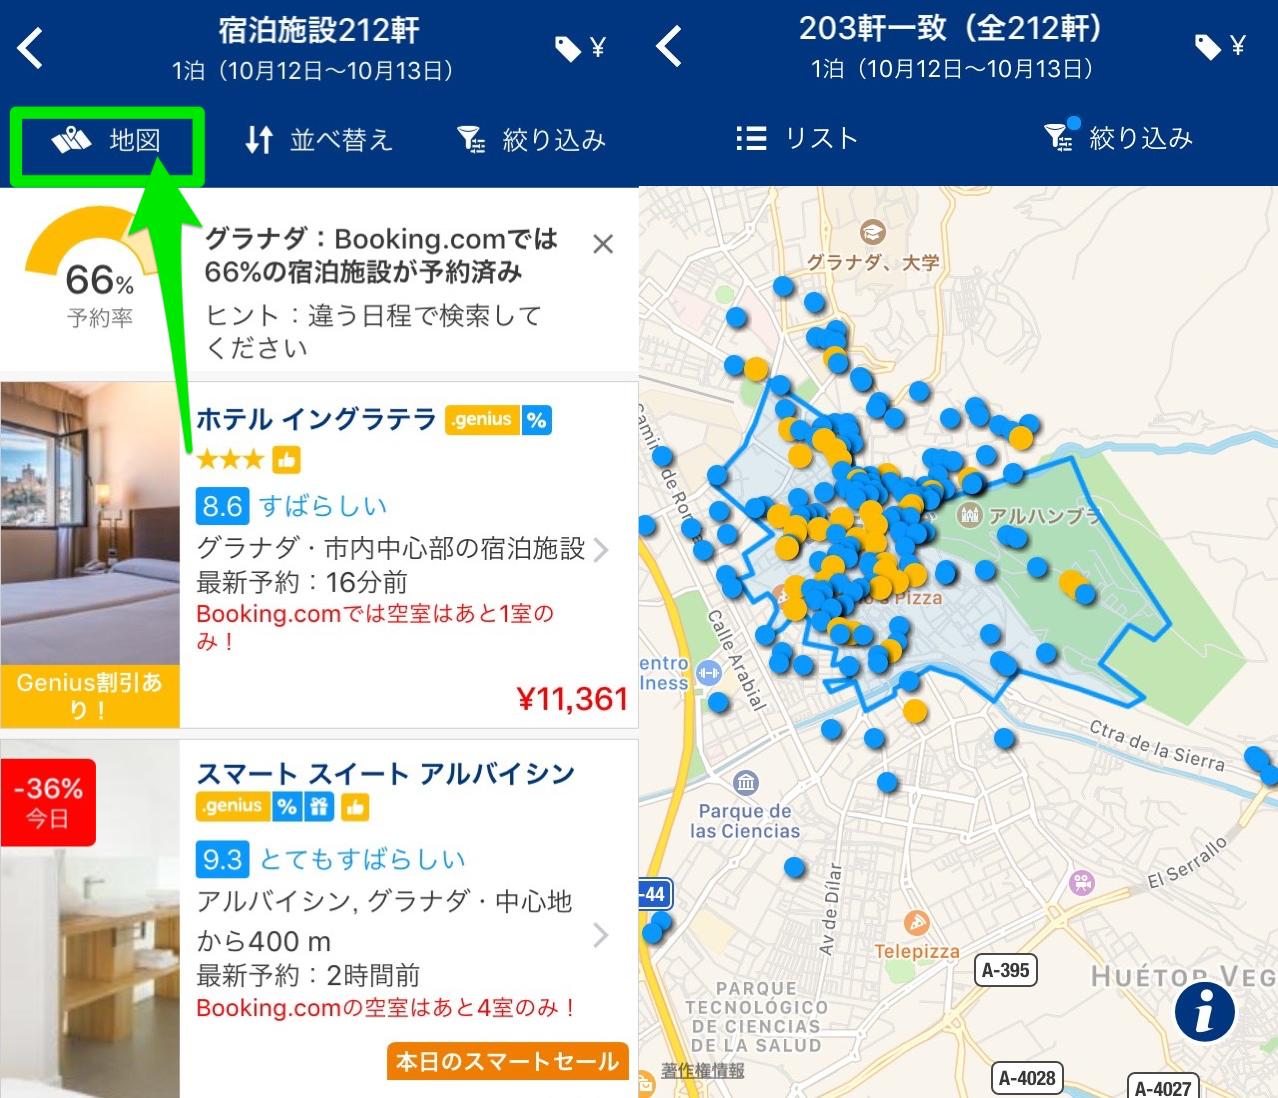 ブッキングドットコムのアプリで出てきたホテルを地図で検索